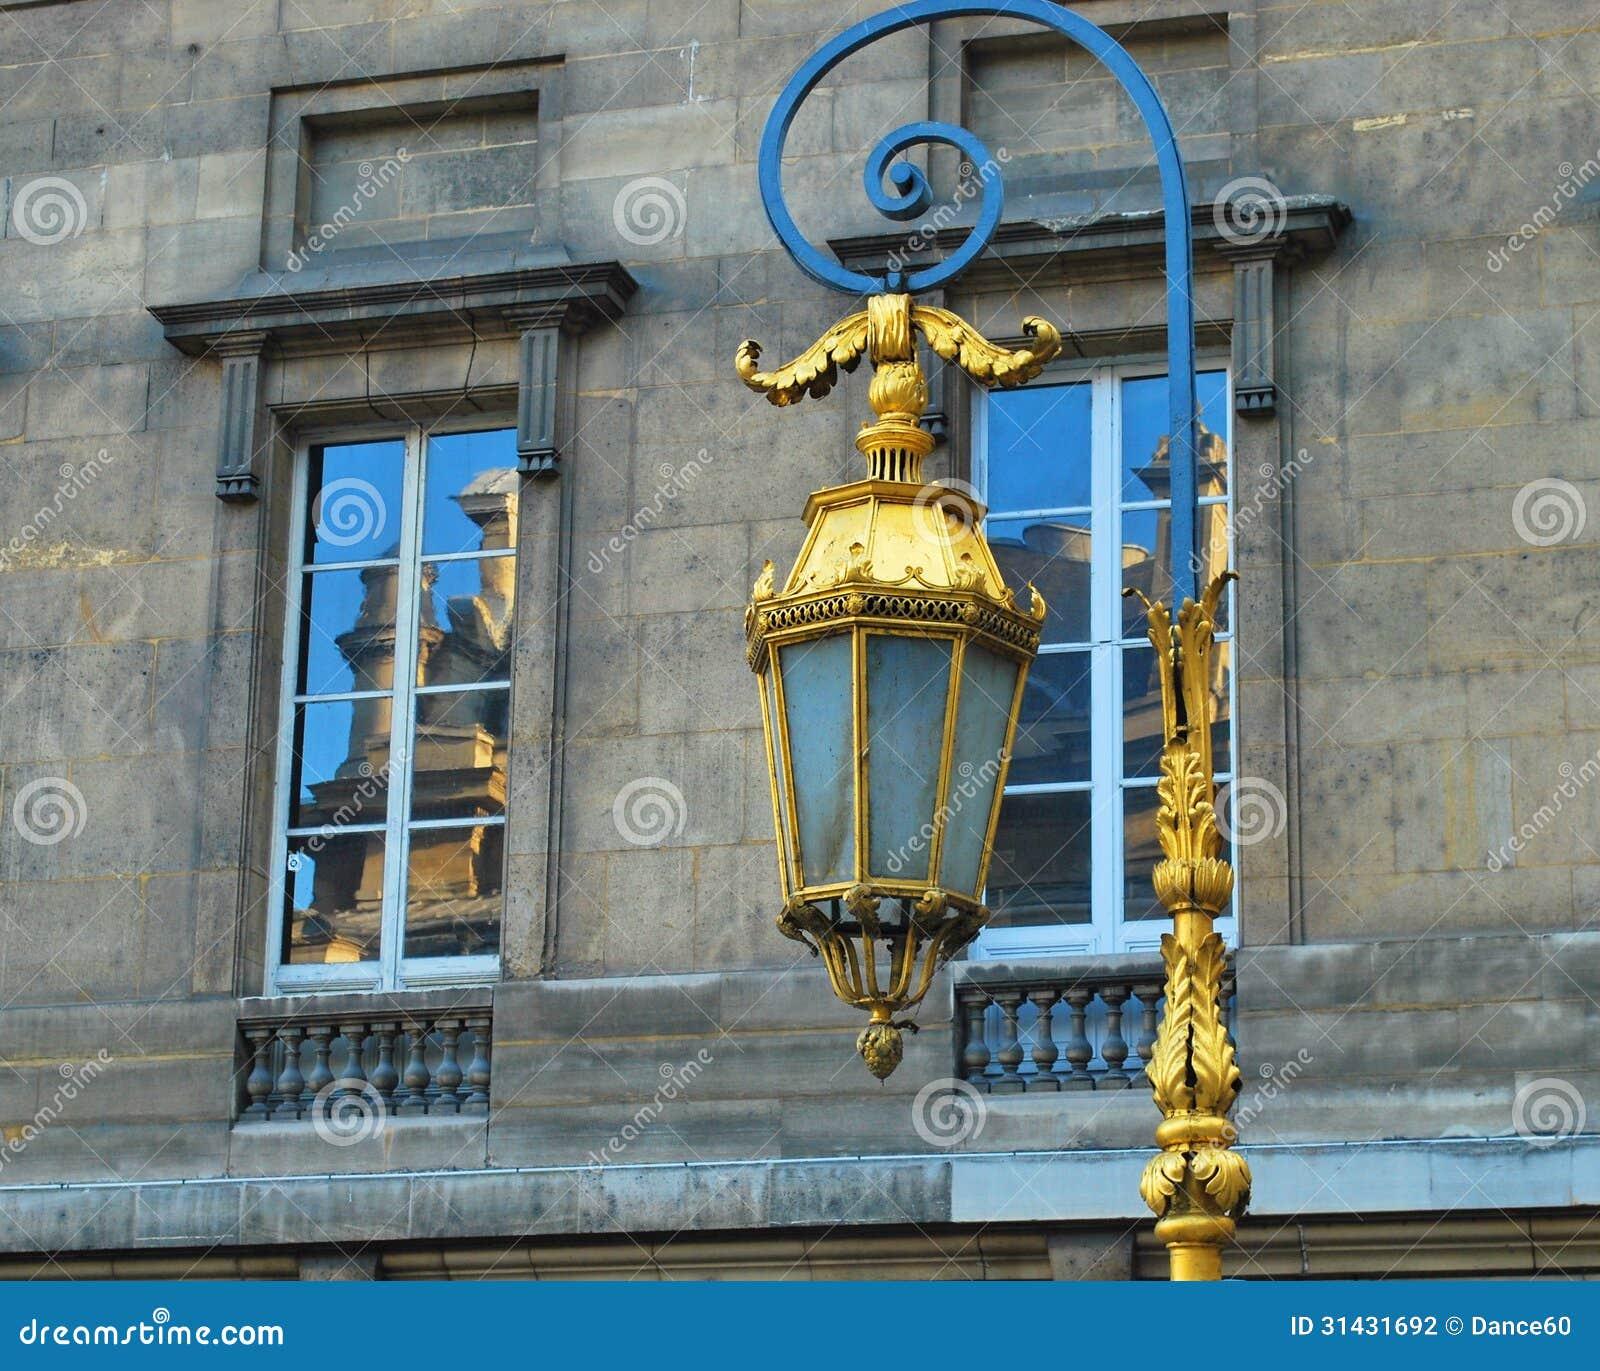 paris lighting street - photo #38